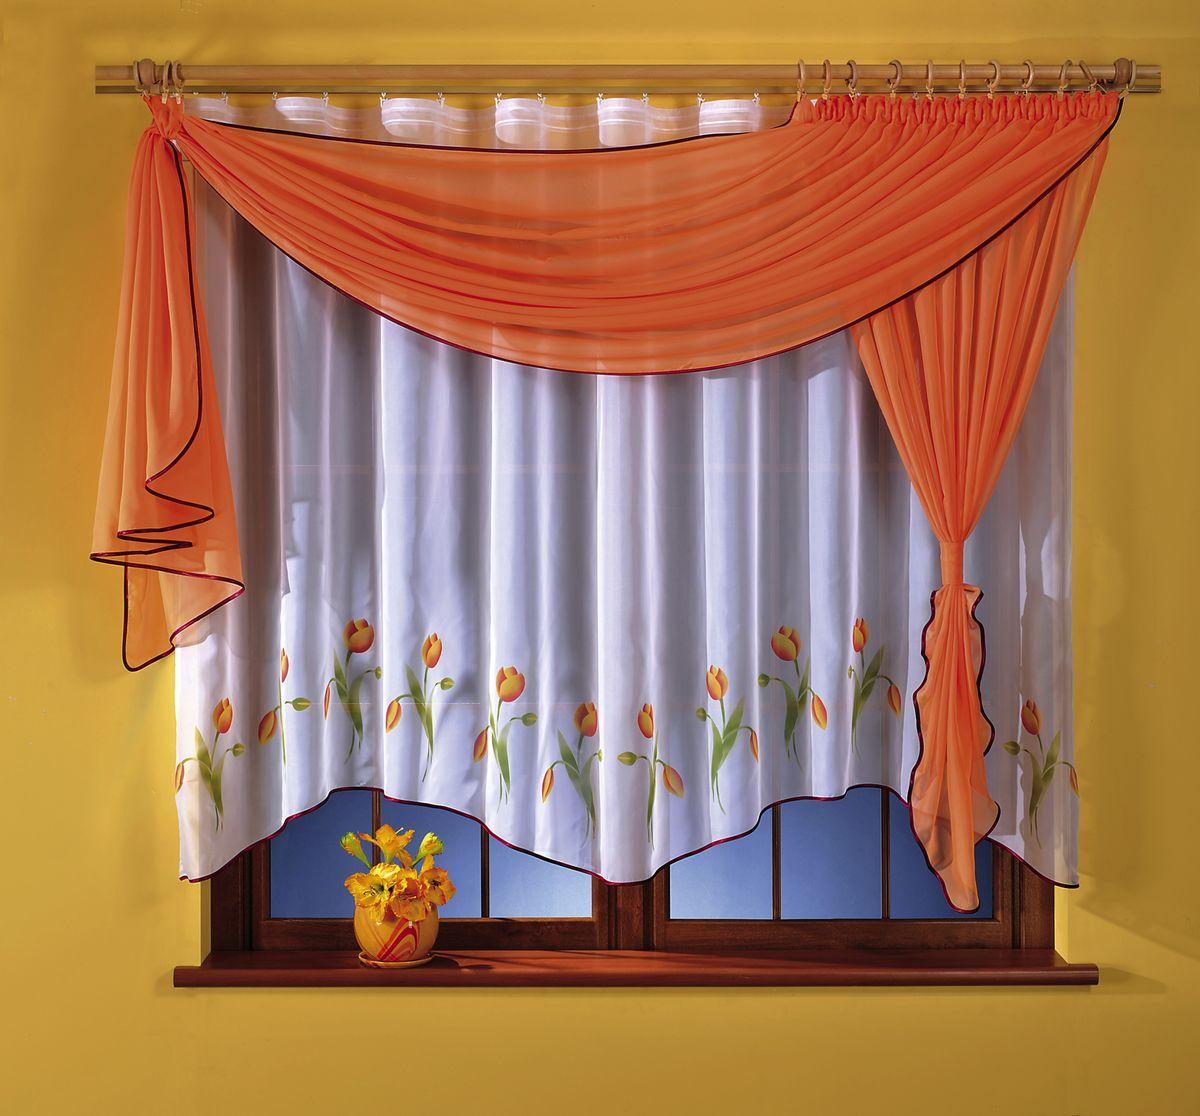 Комплект штор для кухни Wisan Marzenka, на ленте, цвет: белый, оранжевый, высота 180 смS03301004Комплект штор для кухни Wisan Marzenka выполненный из полиэстера, великолепно украсит любое окно. В комплект входят тюль, ламбрекен и 2 подвяза.Оригинальный и яркий дизайн придают комплекту особый стиль и шарм. Качественный материал, нежная цветовая гамма и роскошное исполнение - все это делает шторы Wisan Marzenka замечательным дополнением интерьера помещения.Комплект оснащен шторной лентой для красивой сборки. В комплект входит: Тюль - 1 шт. Размер (ШхВ): 160 см х 170 см. Ламбрекен - 1 шт. Размер (ШхВ): 50 см х 180 см. Подвяз - 2 шт.Фирма Wisan на польском рынке существует уже более пятидесяти лет и является одной из лучших польских фабрик по производству штор и тканей. Ассортимент фирмы представлен готовыми комплектами штор для гостиной, детской, кухни, а также текстилем для кухни (скатерти, салфетки, дорожки, кухонные занавески). Модельный ряд отличает оригинальный дизайн, высокое качество. Ассортимент продукции постоянно пополняется.